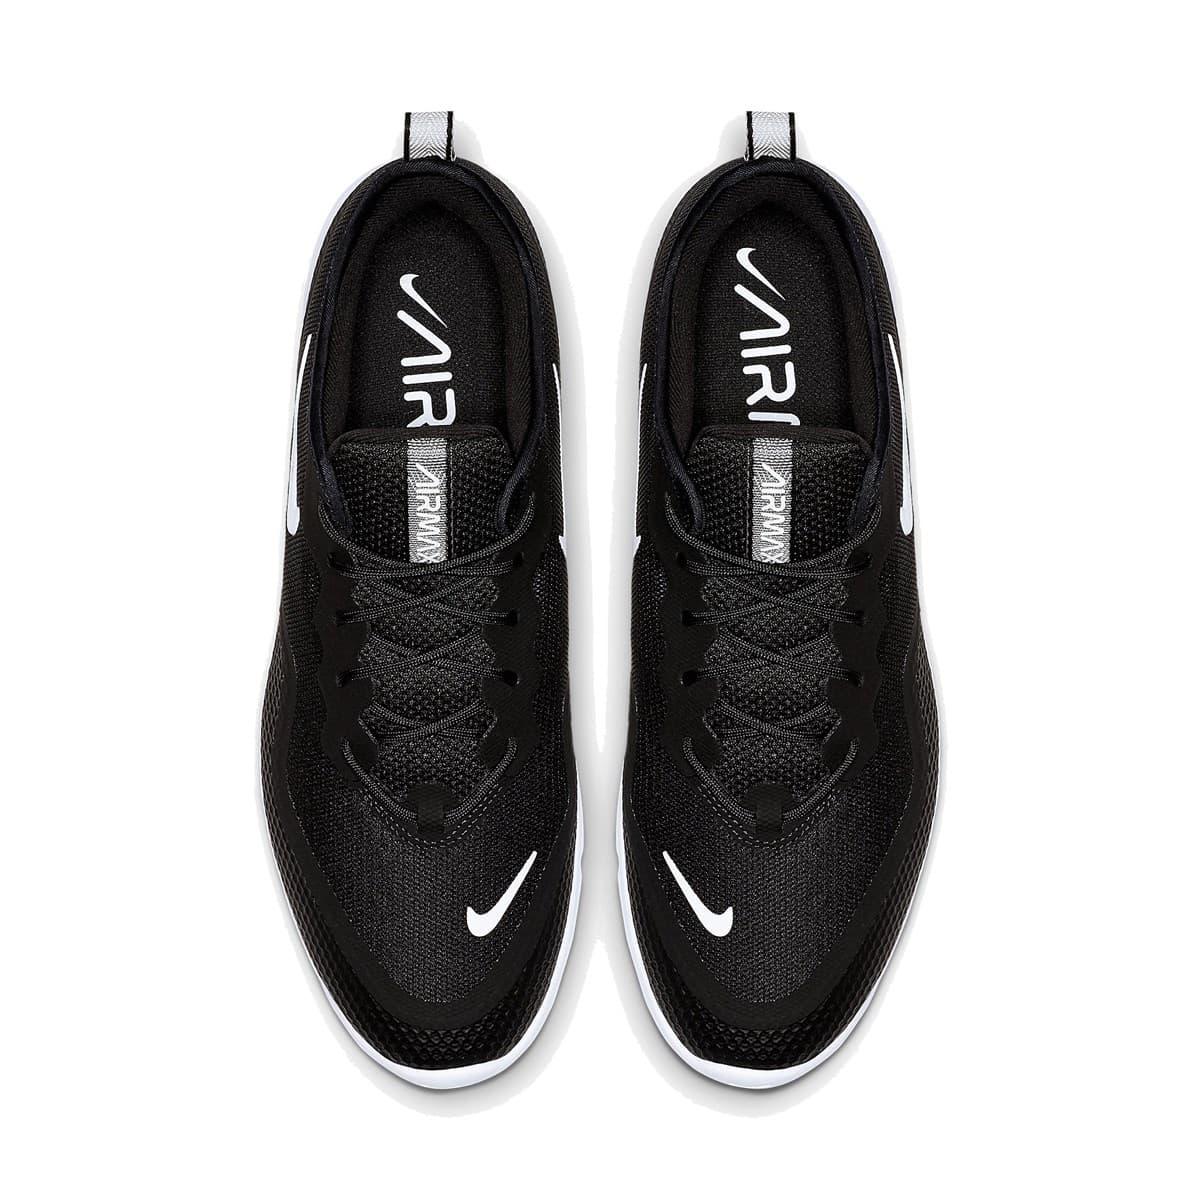 Air Max Sequent 4.5 Siyah Erkek Koşu Ayakkabısı